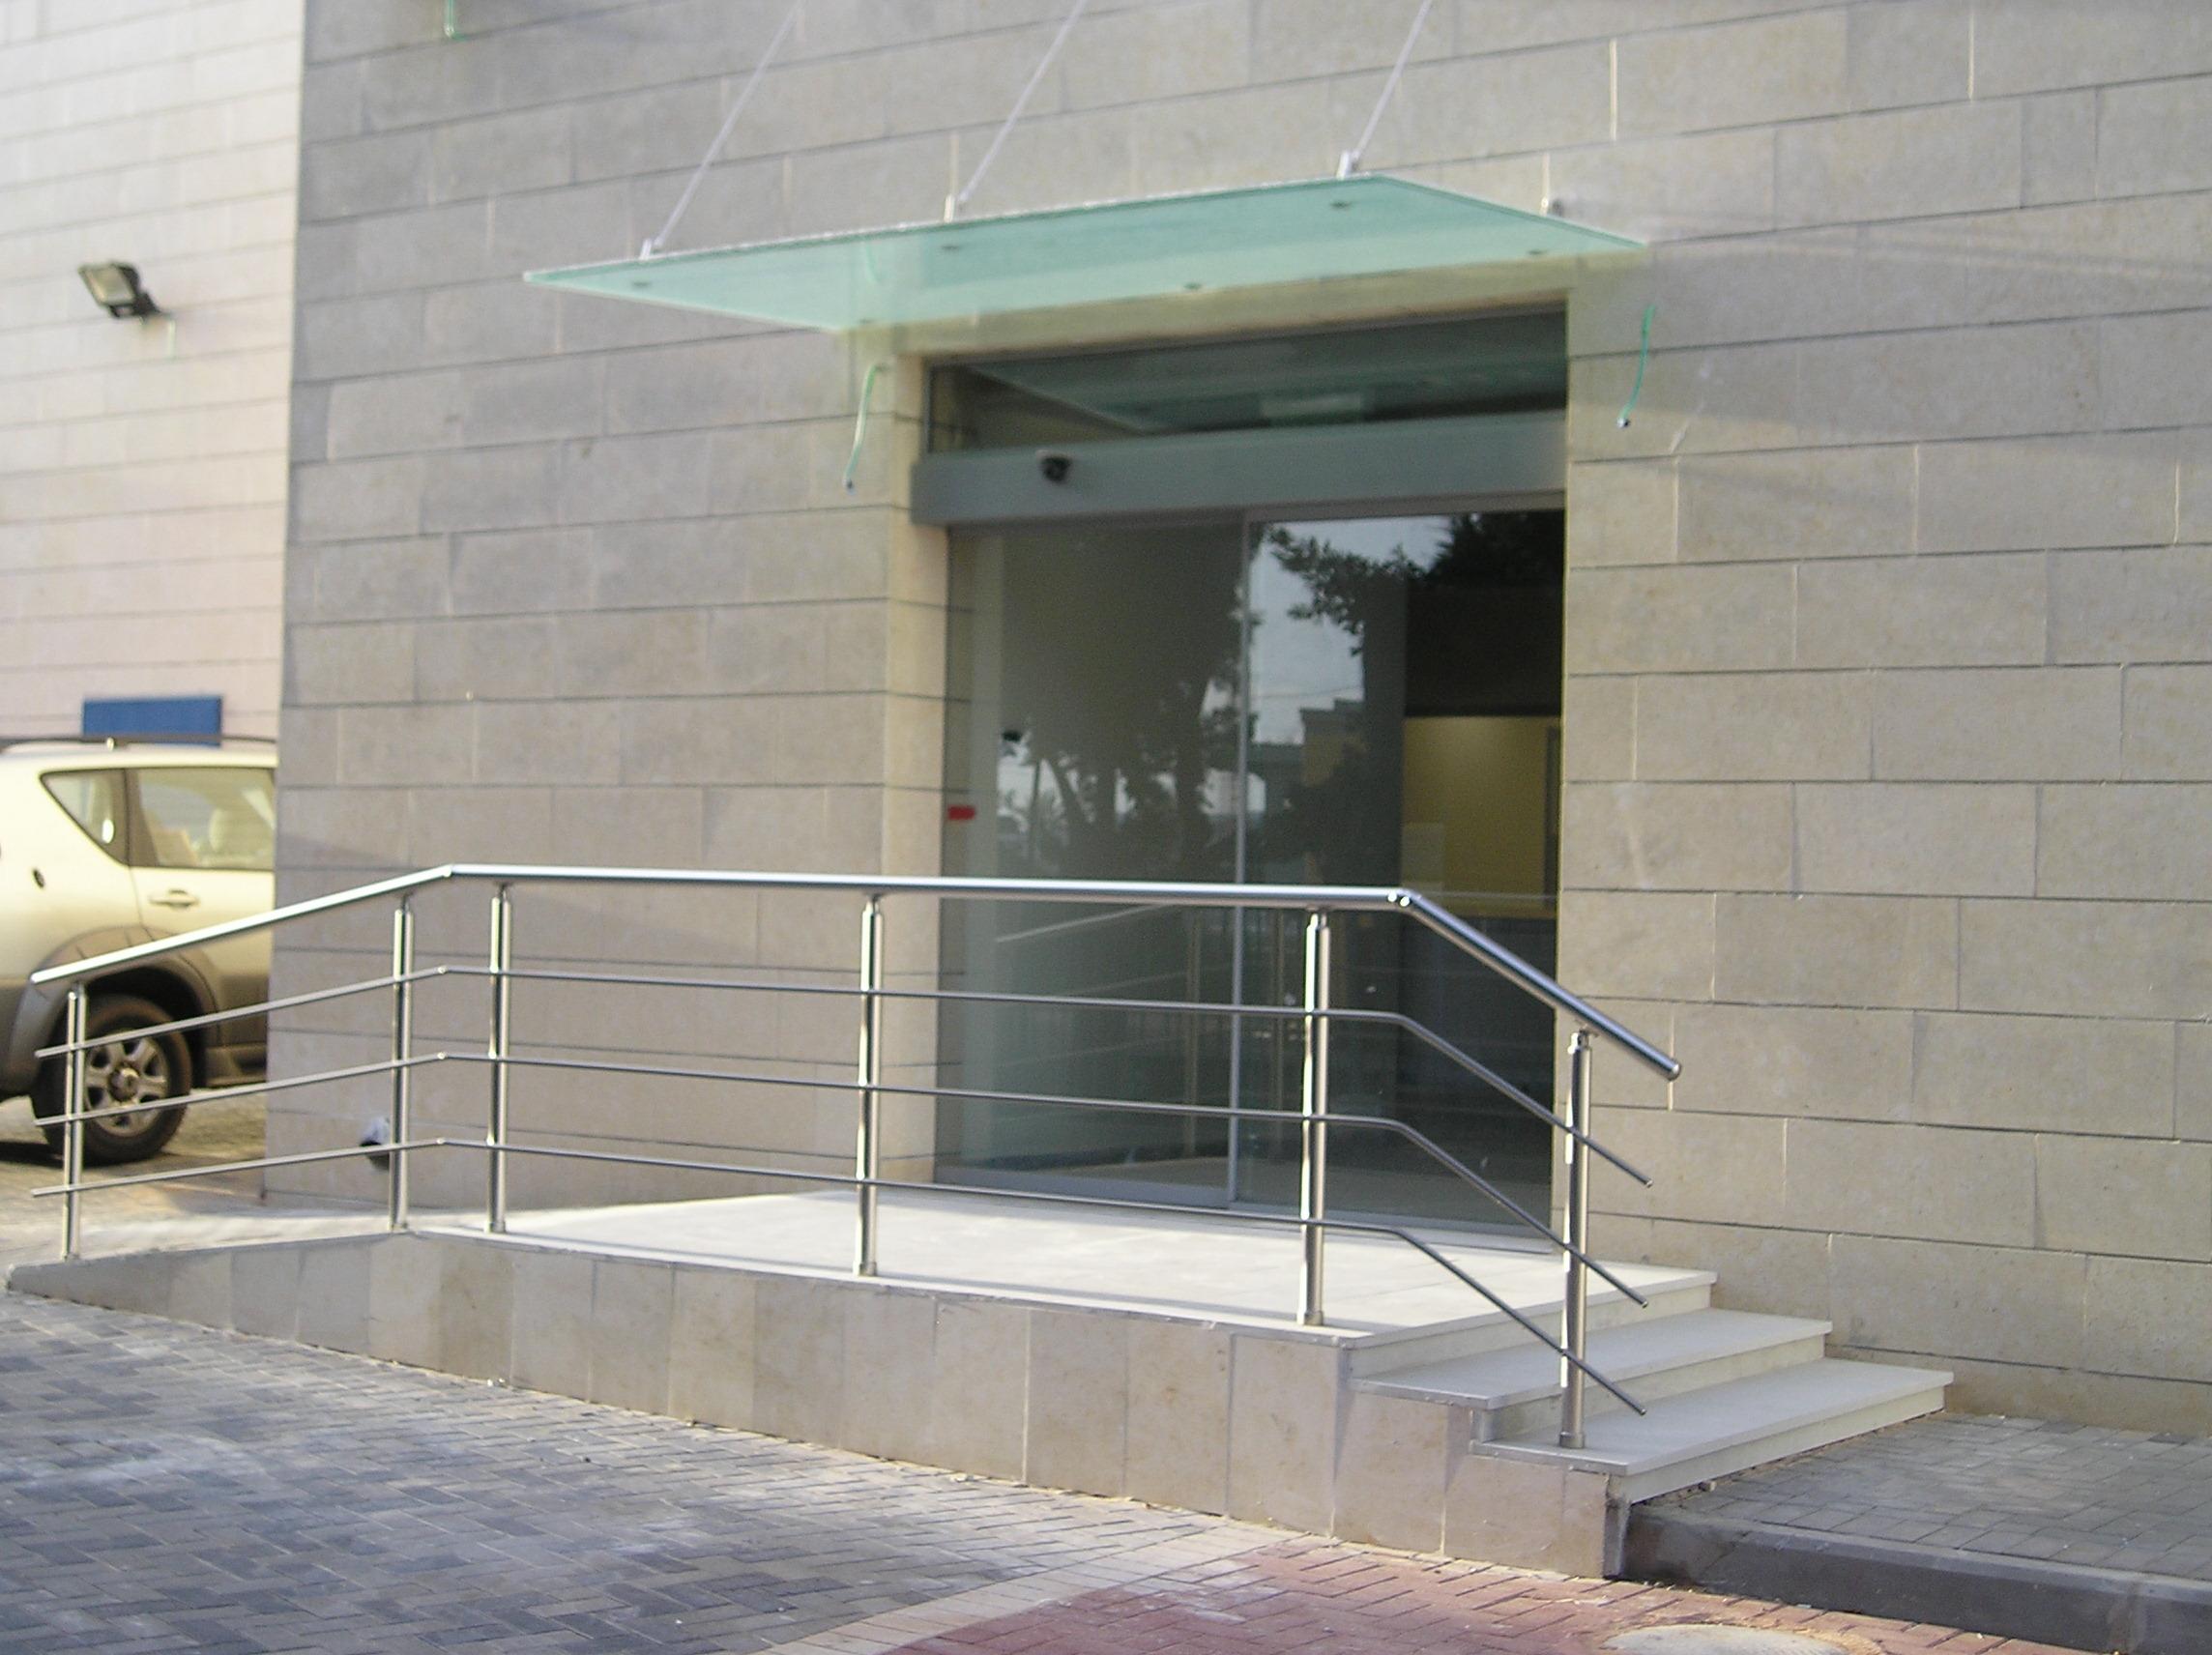 גגון זכוכית חצי שקוף מותקן בכניסה למבנה